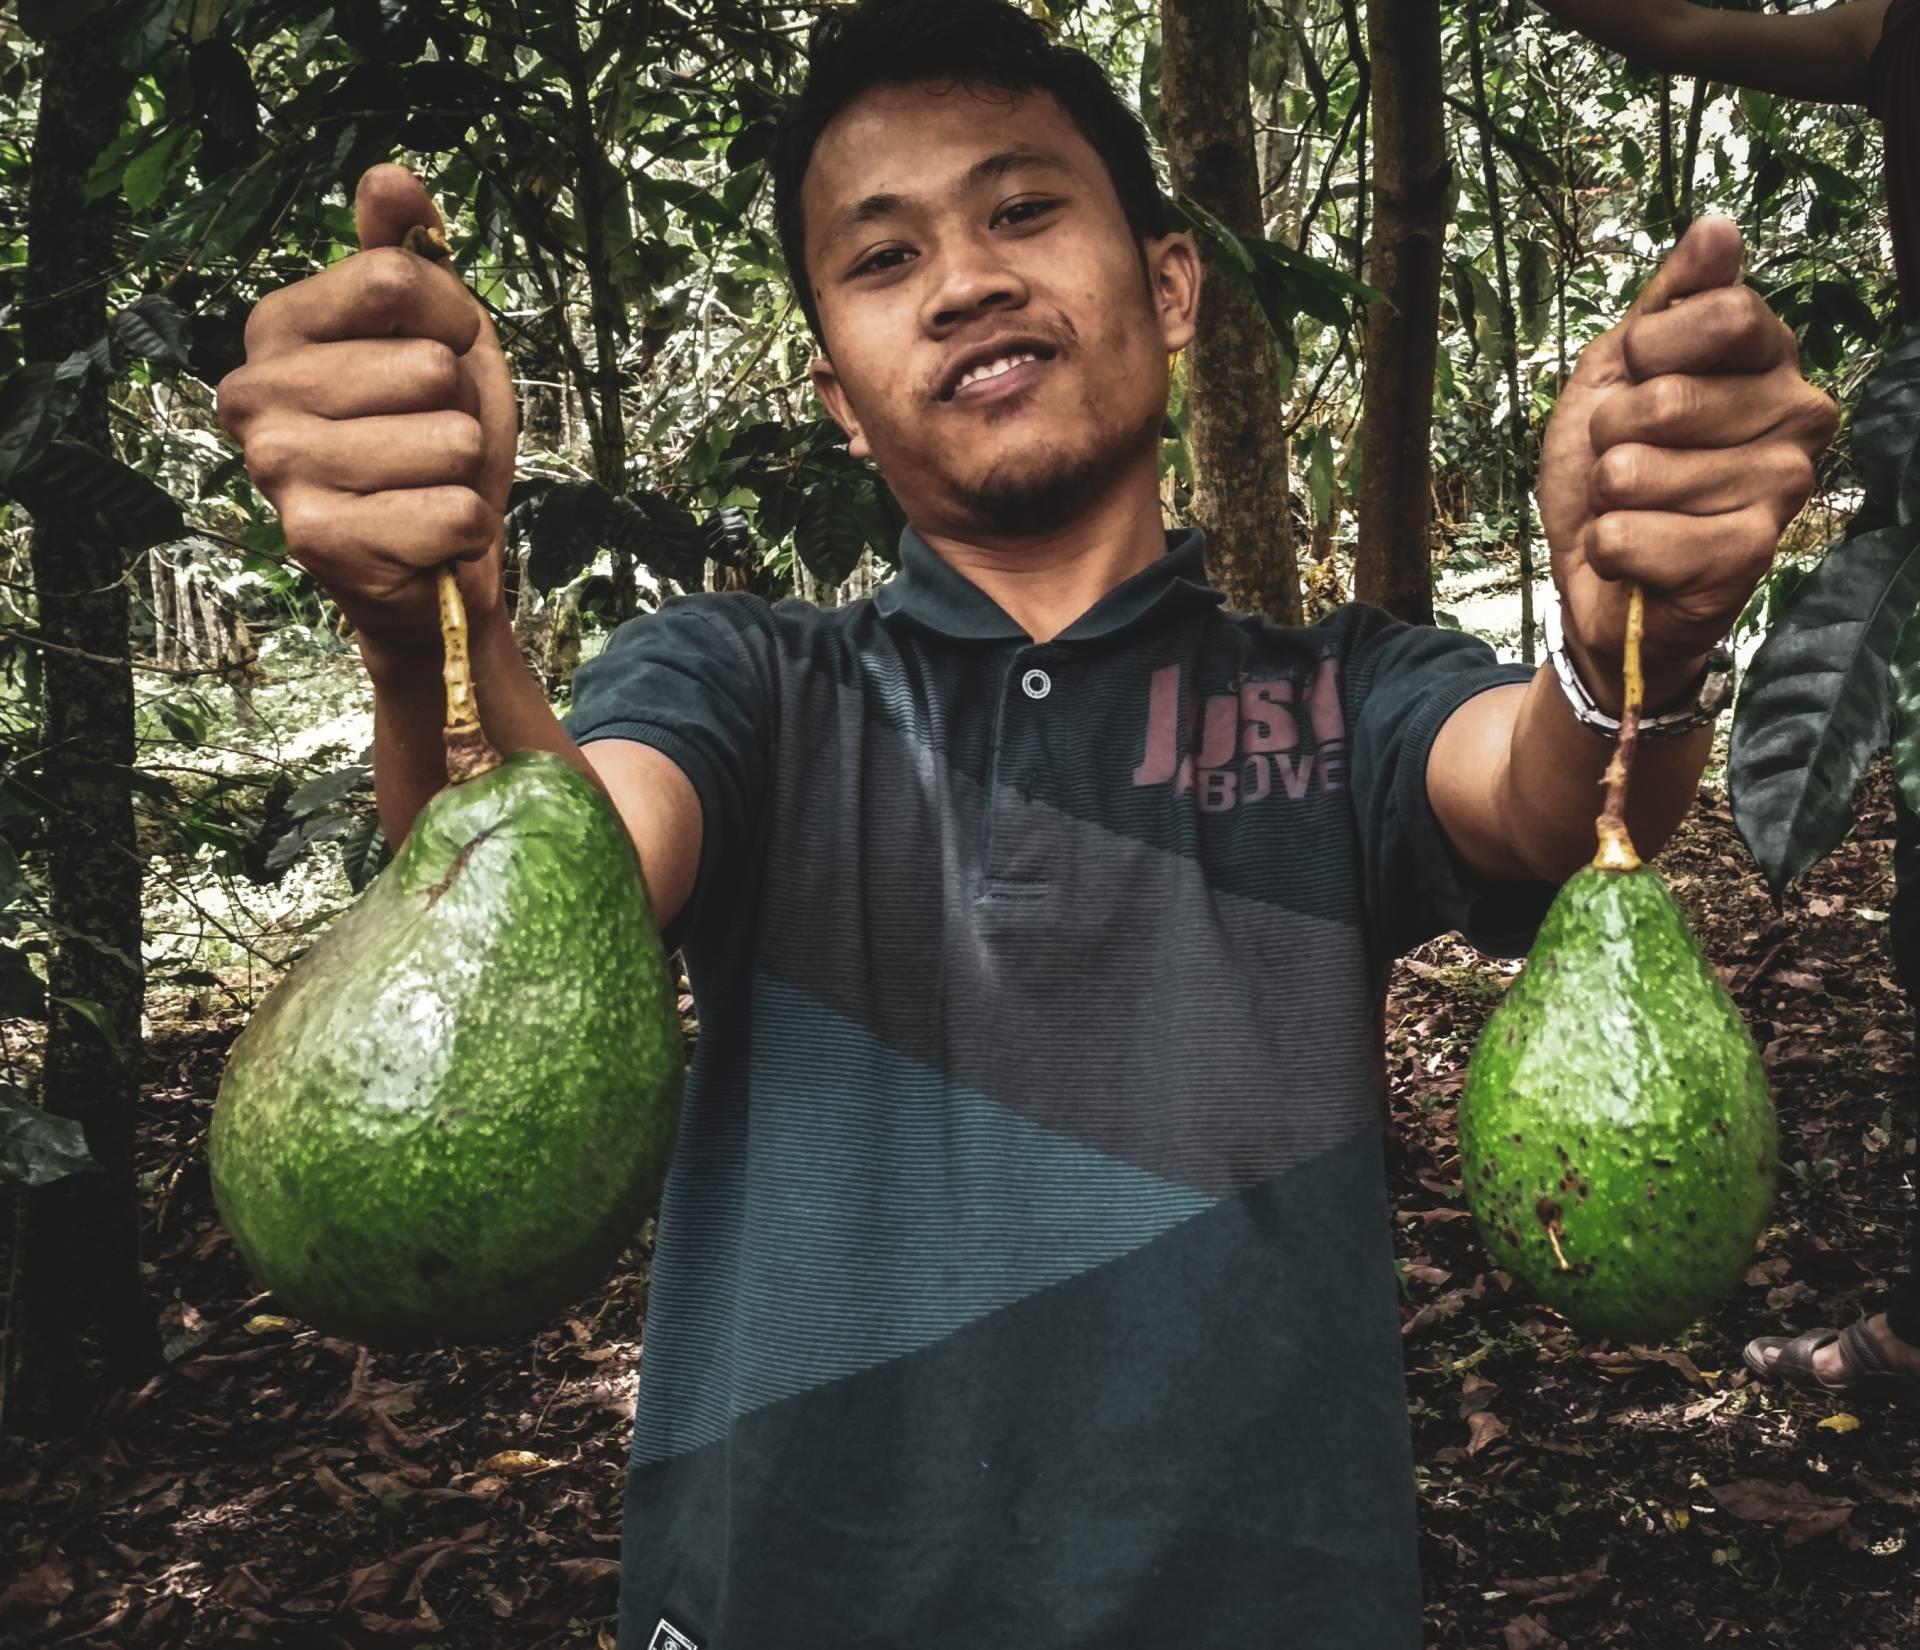 Kartele narkotykowe wykorzystują popyt na awokado, by czerpać zyski z uprawy awokado w Meksyku. Mężczyzna trzyma dwa owoce awokado i pozuje z nimi do aparatu.